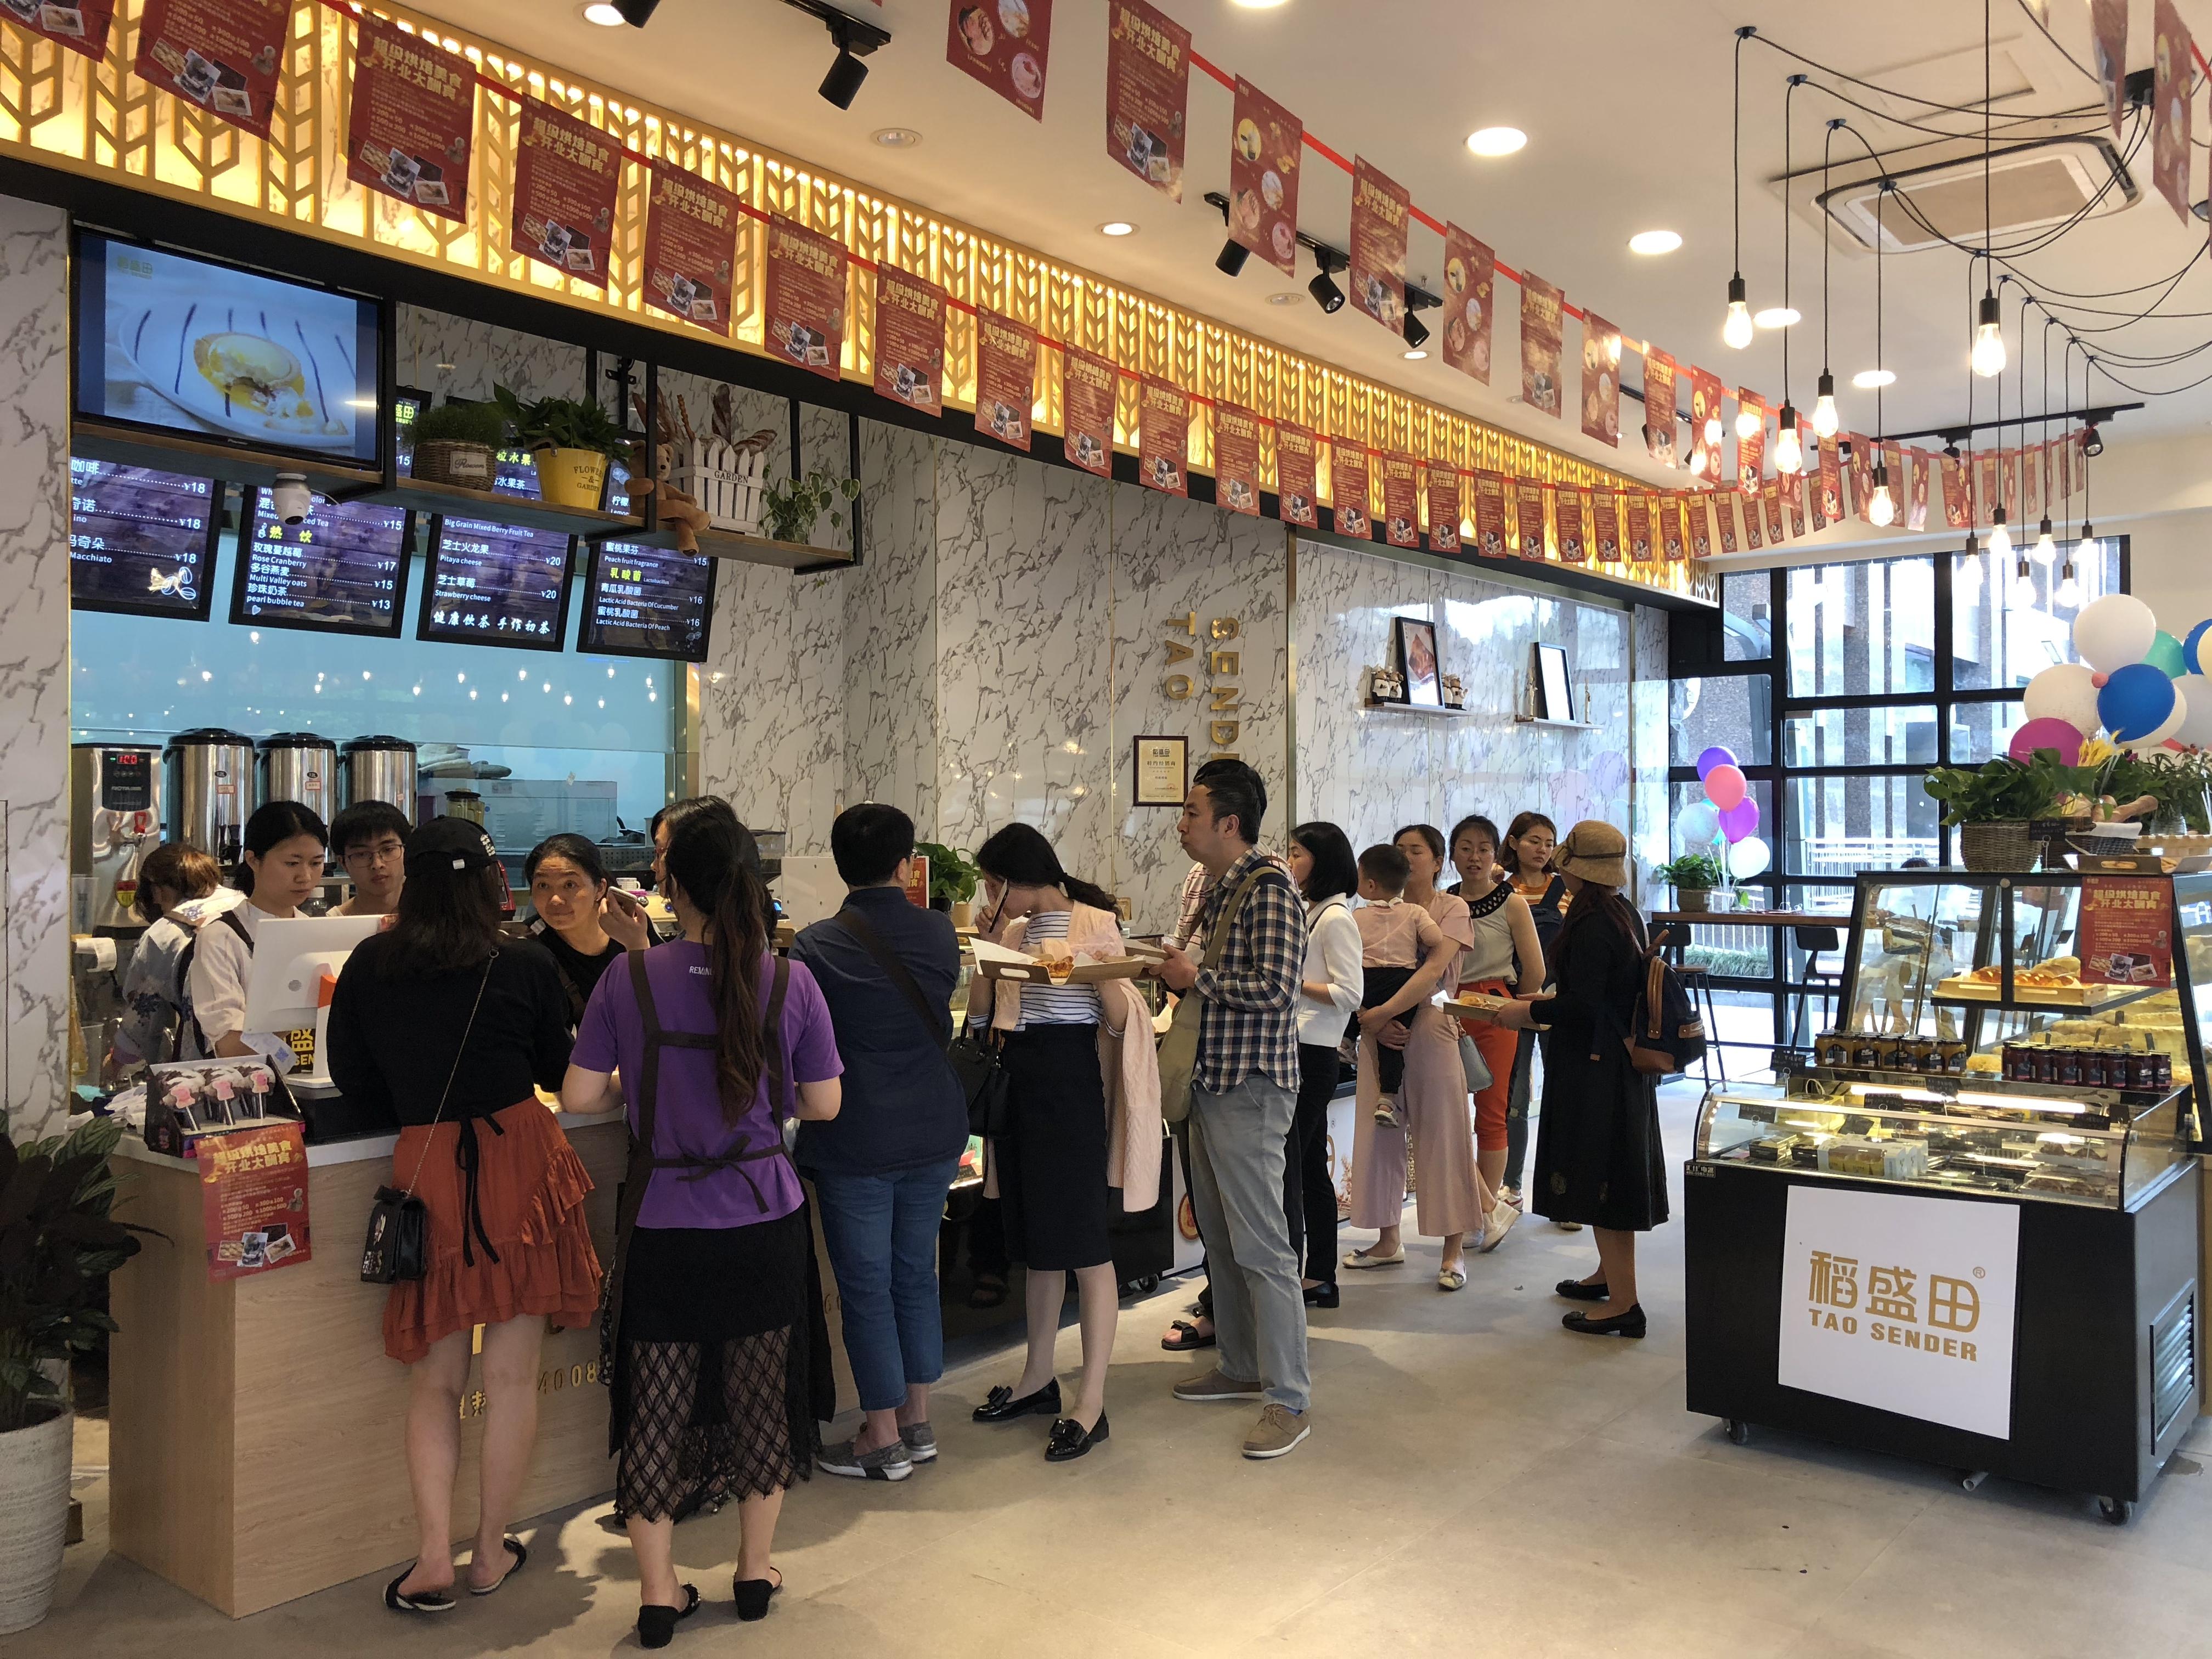 【新闻动态】稻盛田烘焙工坊投资一个月利润有多少?强大总部扶持经营,利润空间大。